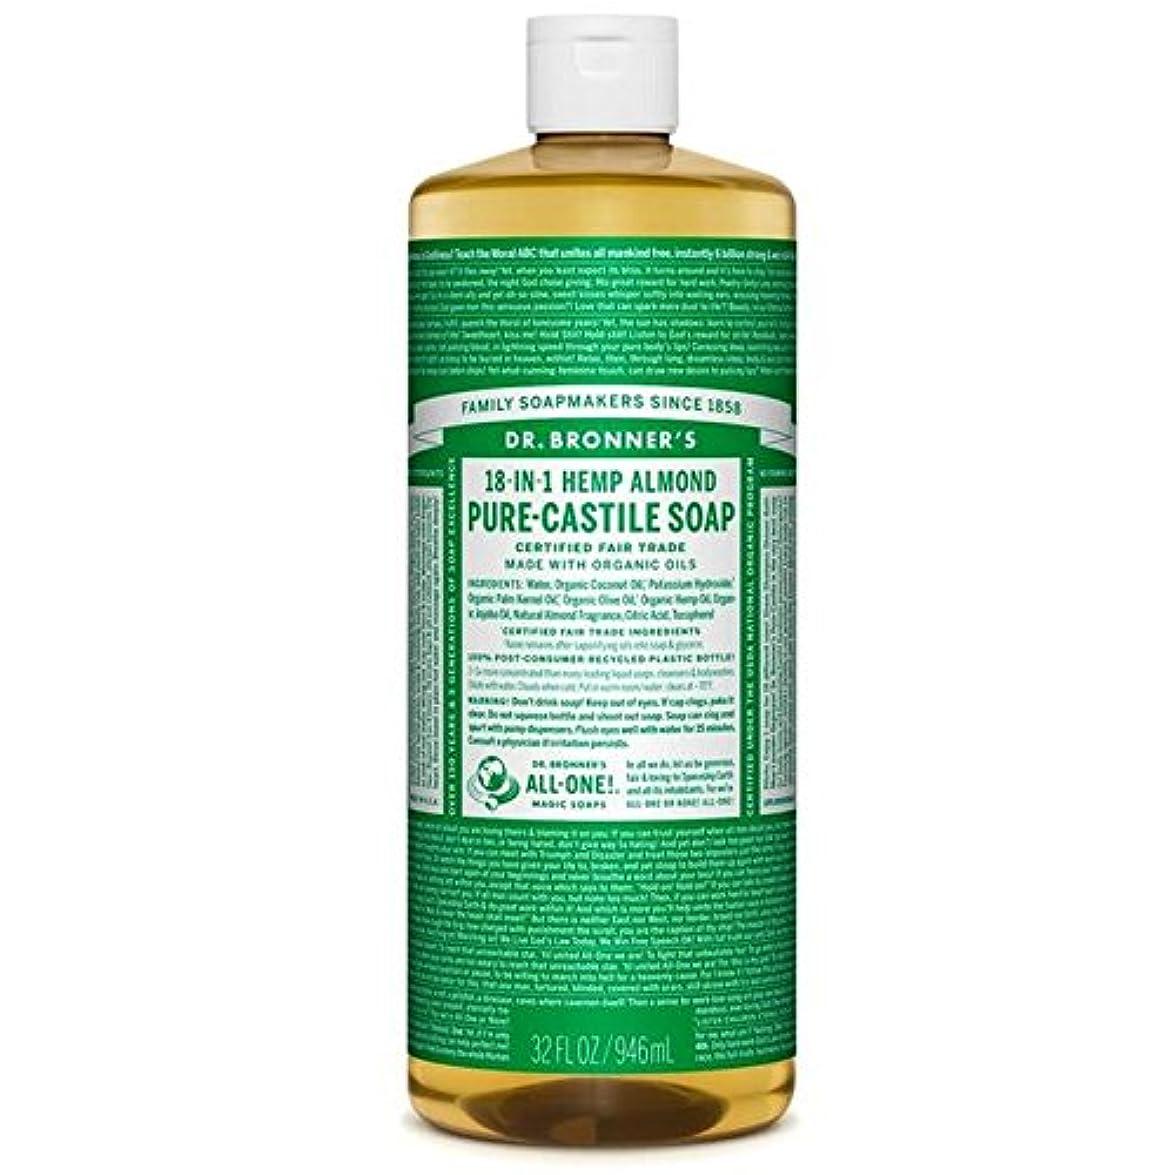 評判勝利したその結果のブロナー有機アーモンドカスティーリャ液体石鹸946ミリリットル x2 - Dr Bronner Organic Almond Castile Liquid Soap 946ml (Pack of 2) [並行輸入品]